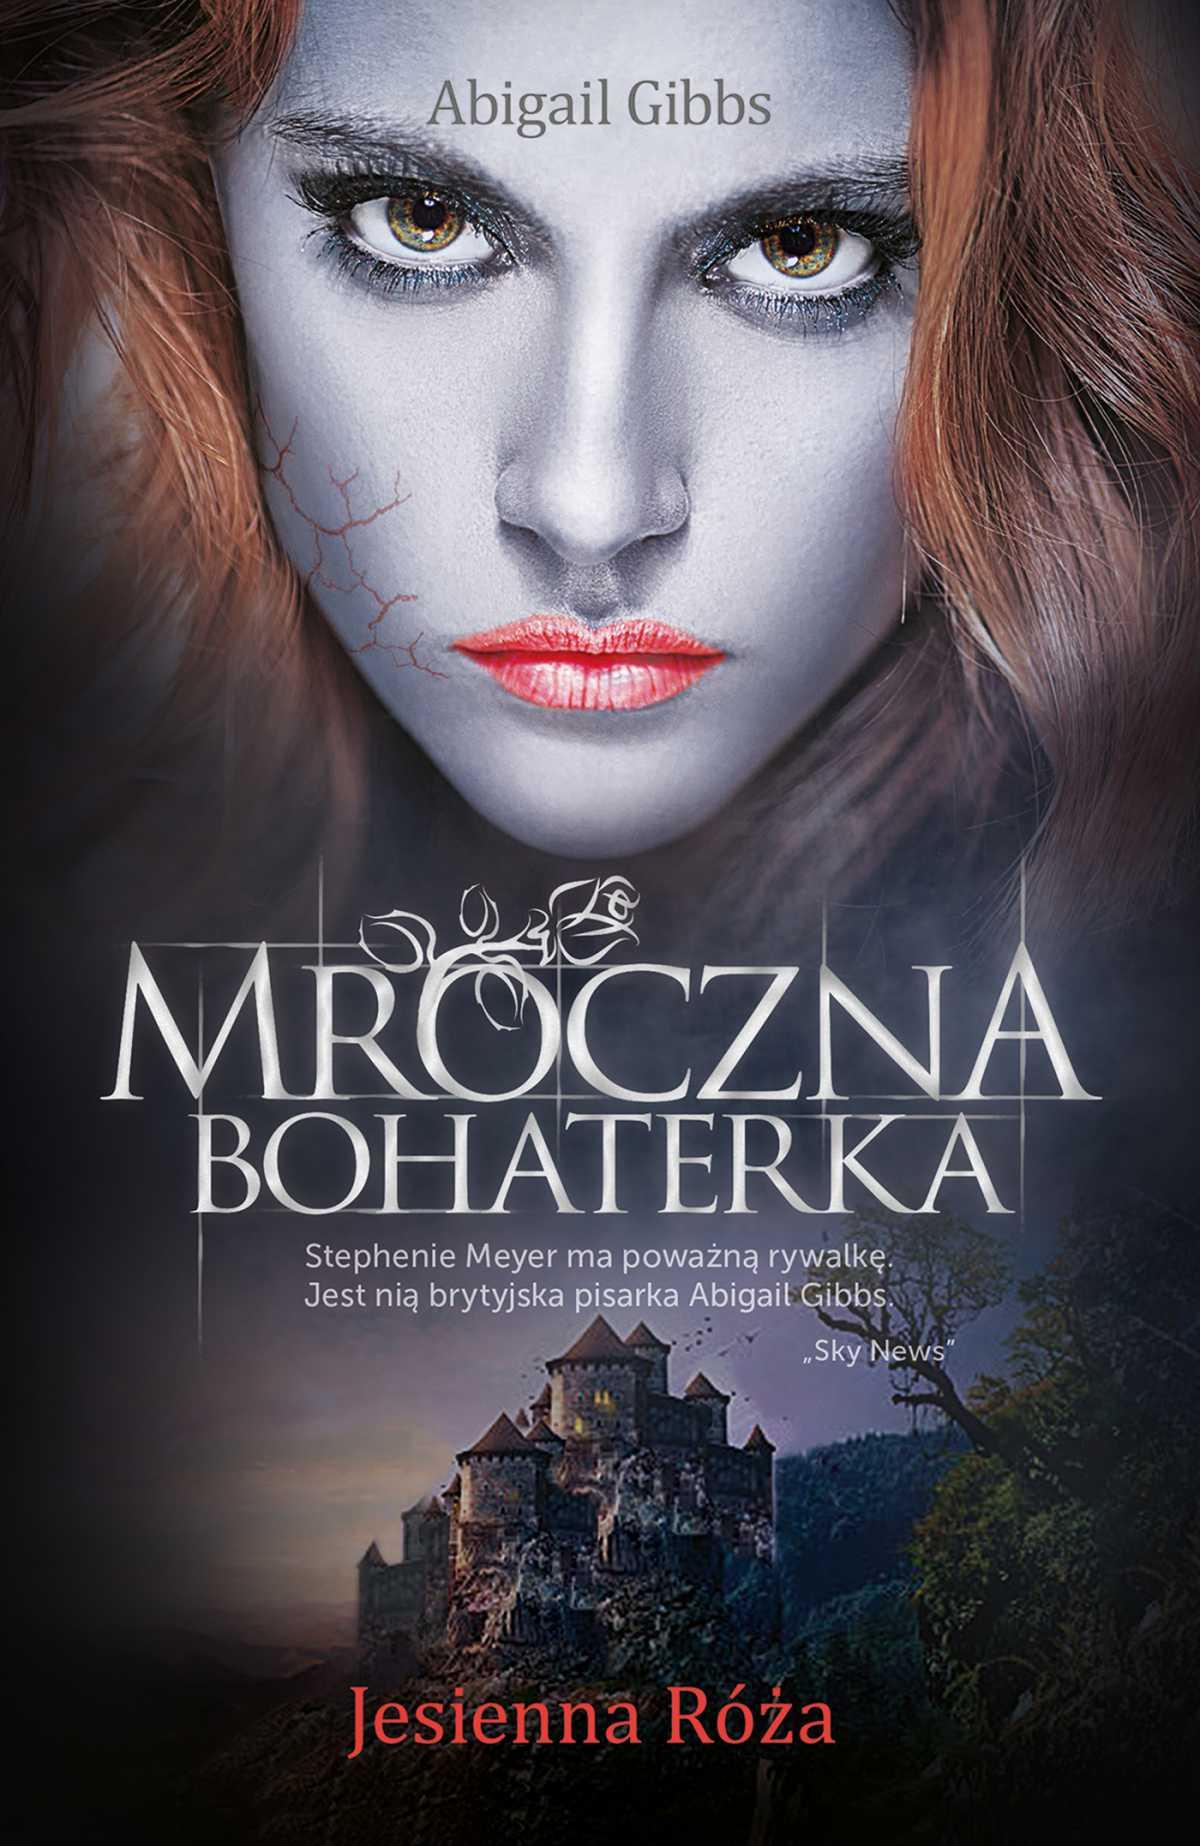 Mroczna Bohaterka. Jesienna Róża - Ebook (Książka EPUB) do pobrania w formacie EPUB